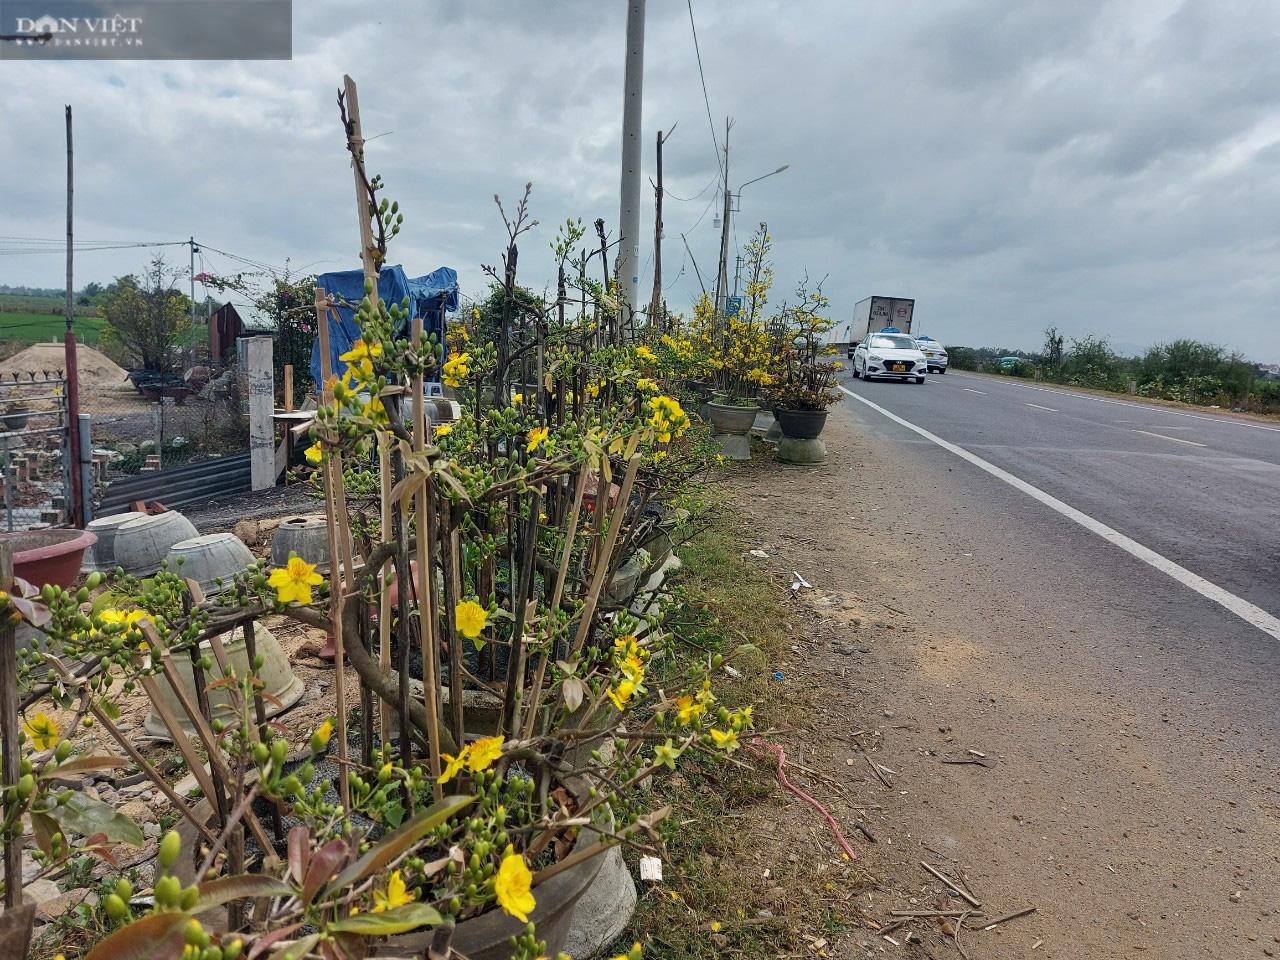 """Bình Định: Trồng cây ra hoa màu vàng, chỉ bán """"chạy"""" dịp Tết, thu về gần 80 tỷ đồng - Ảnh 2."""